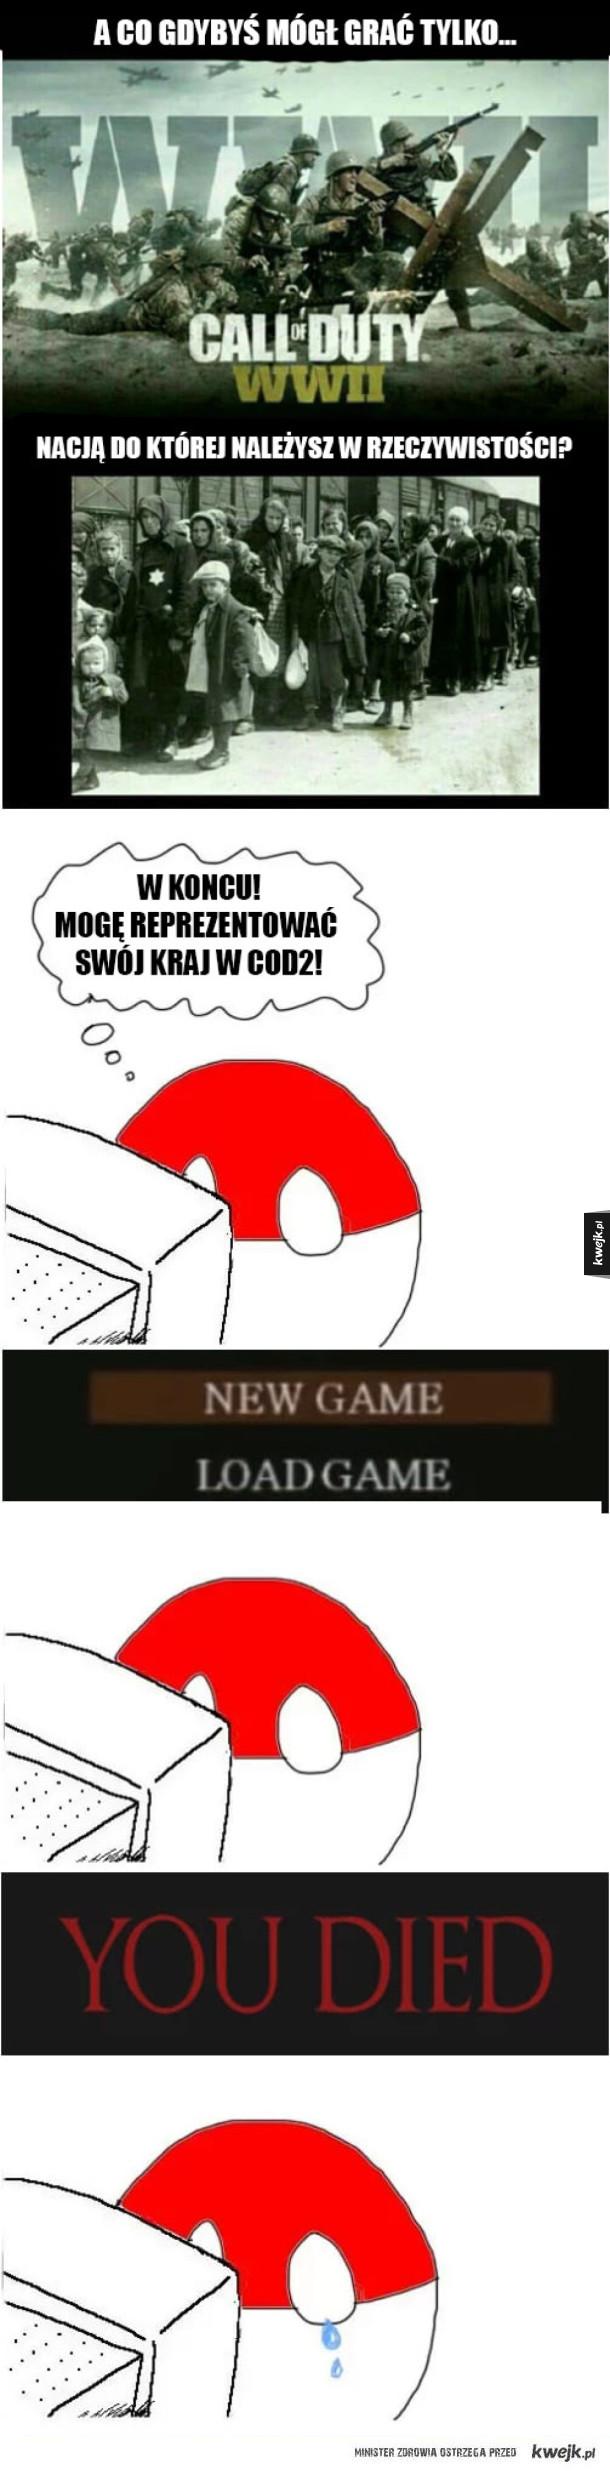 Ciekawy gameplay